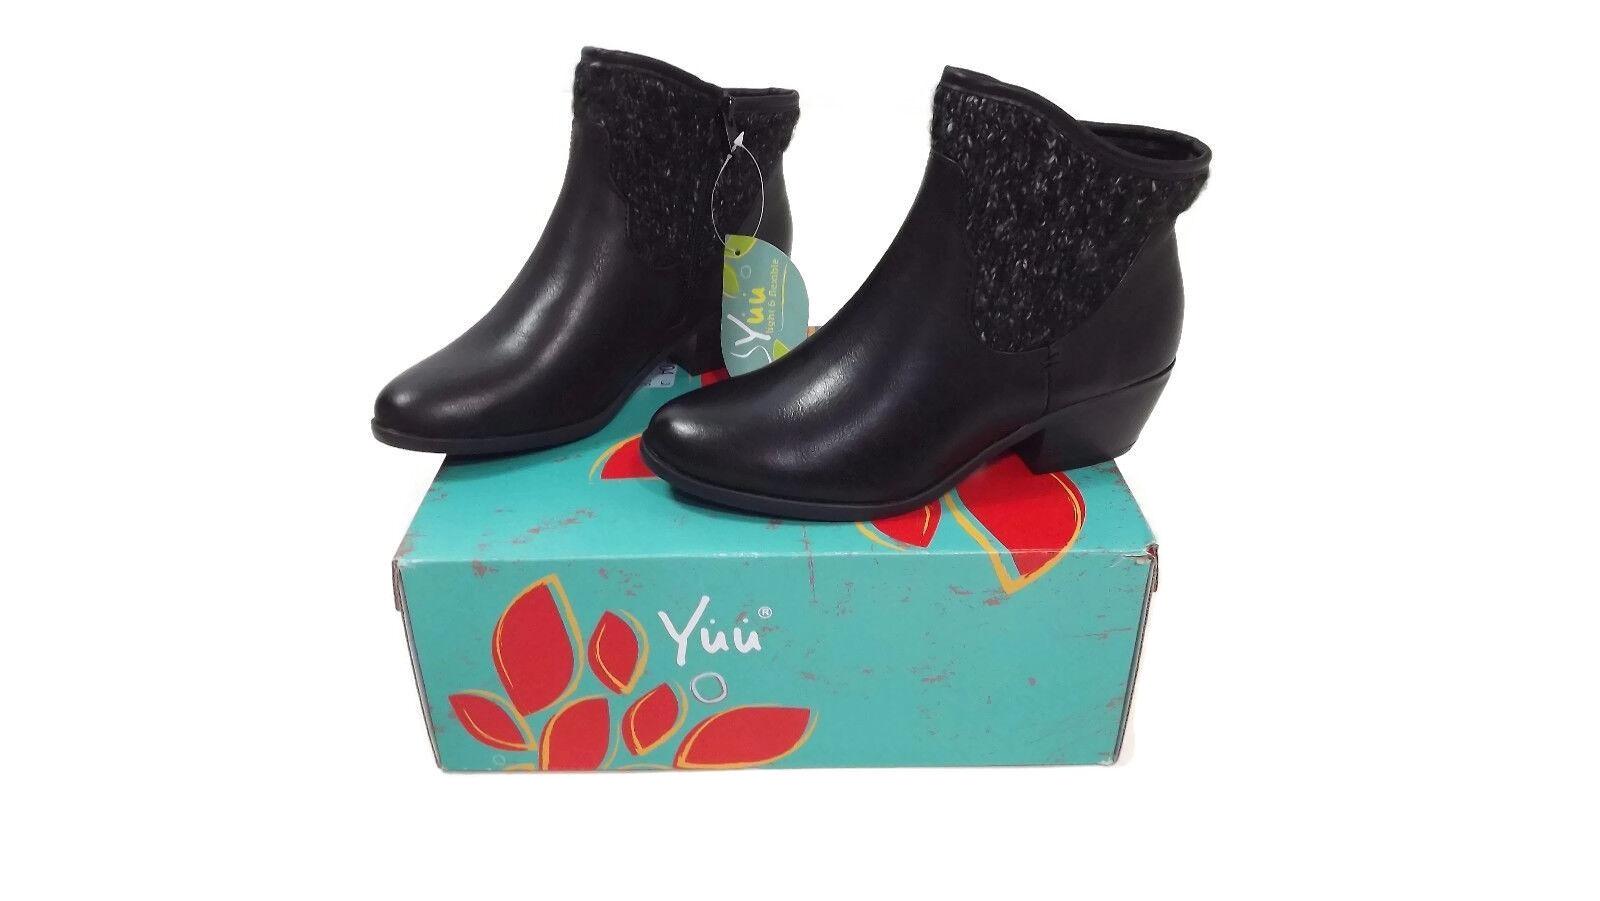 ti aspetto YUU YUU YUU donna nero Light & Flexible Ankle stivali scarpe Dimensione 5.5 WD Memory Foam  100  risparmia il 60% di sconto e la spedizione veloce in tutto il mondo